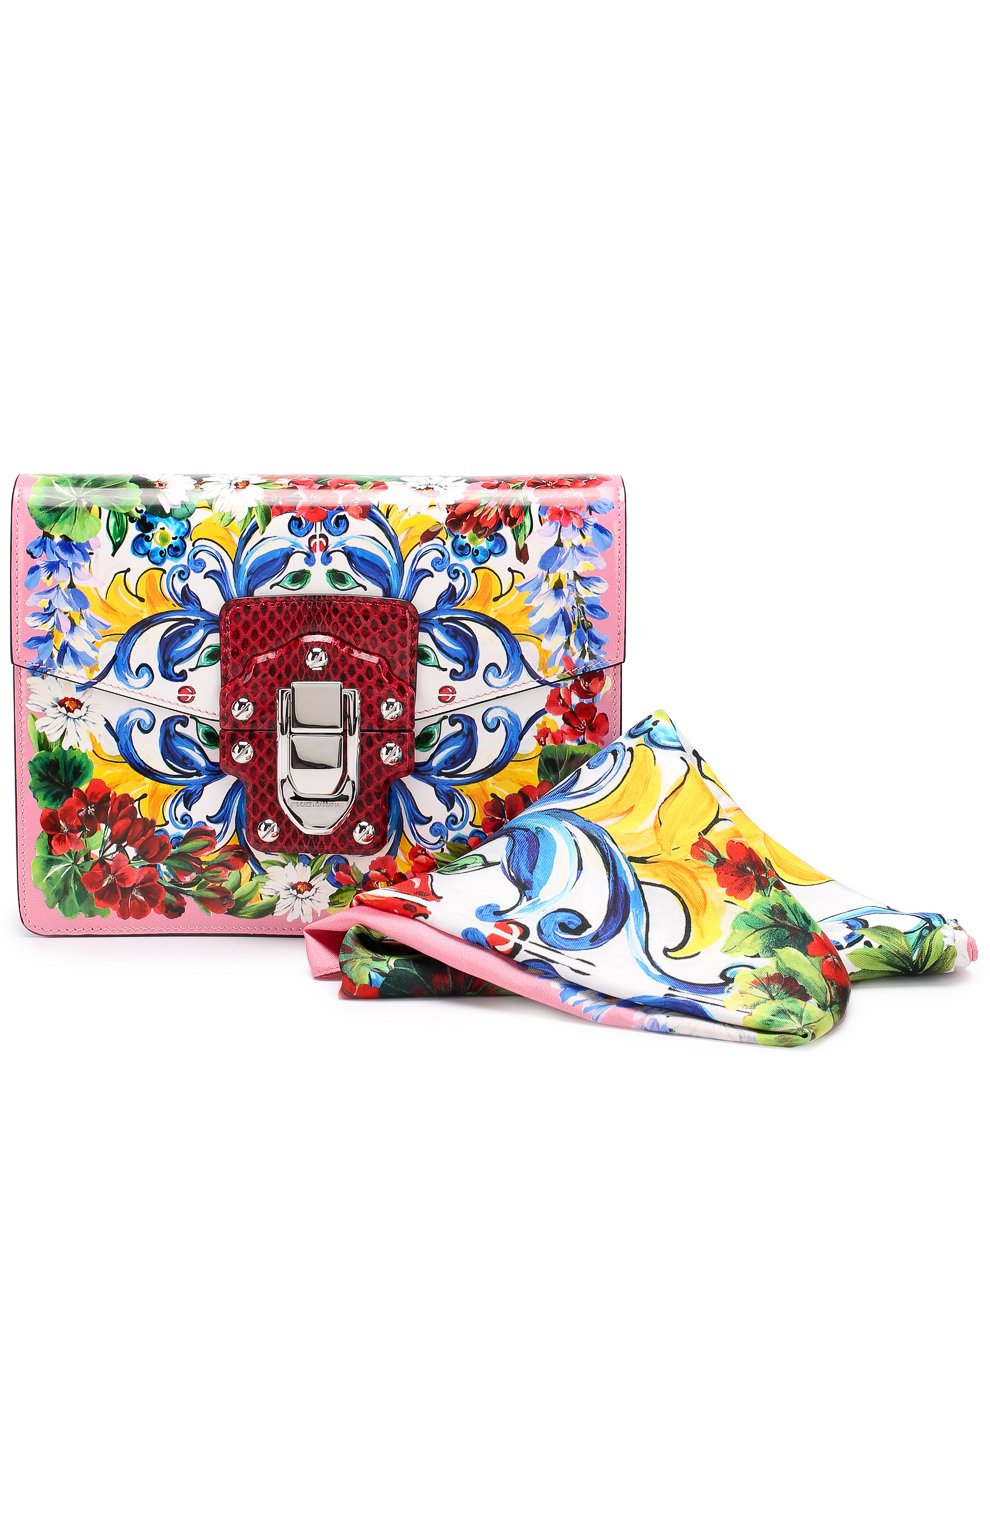 Сумка Lucia с принтом Dolce & Gabbana разноцветная цвета | Фото №6